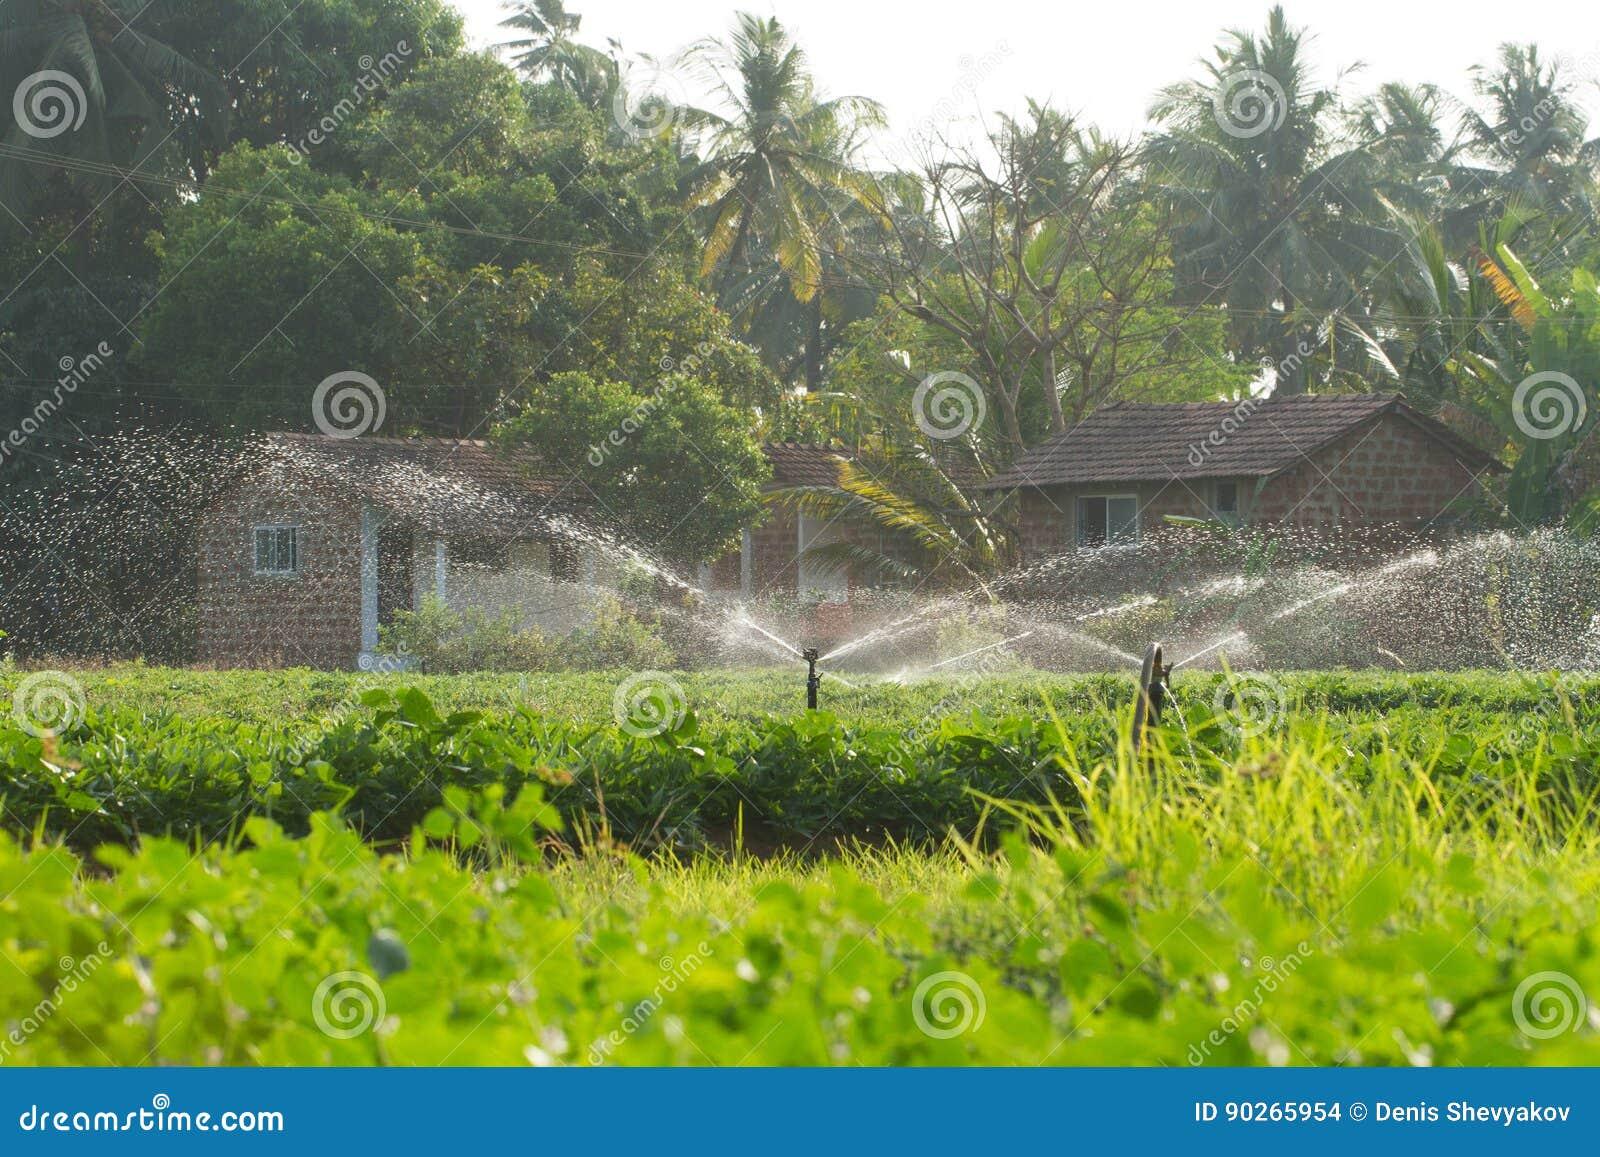 Wasserstrahlen Bewasserungssystem Fur Den Garten Stockfoto Bild